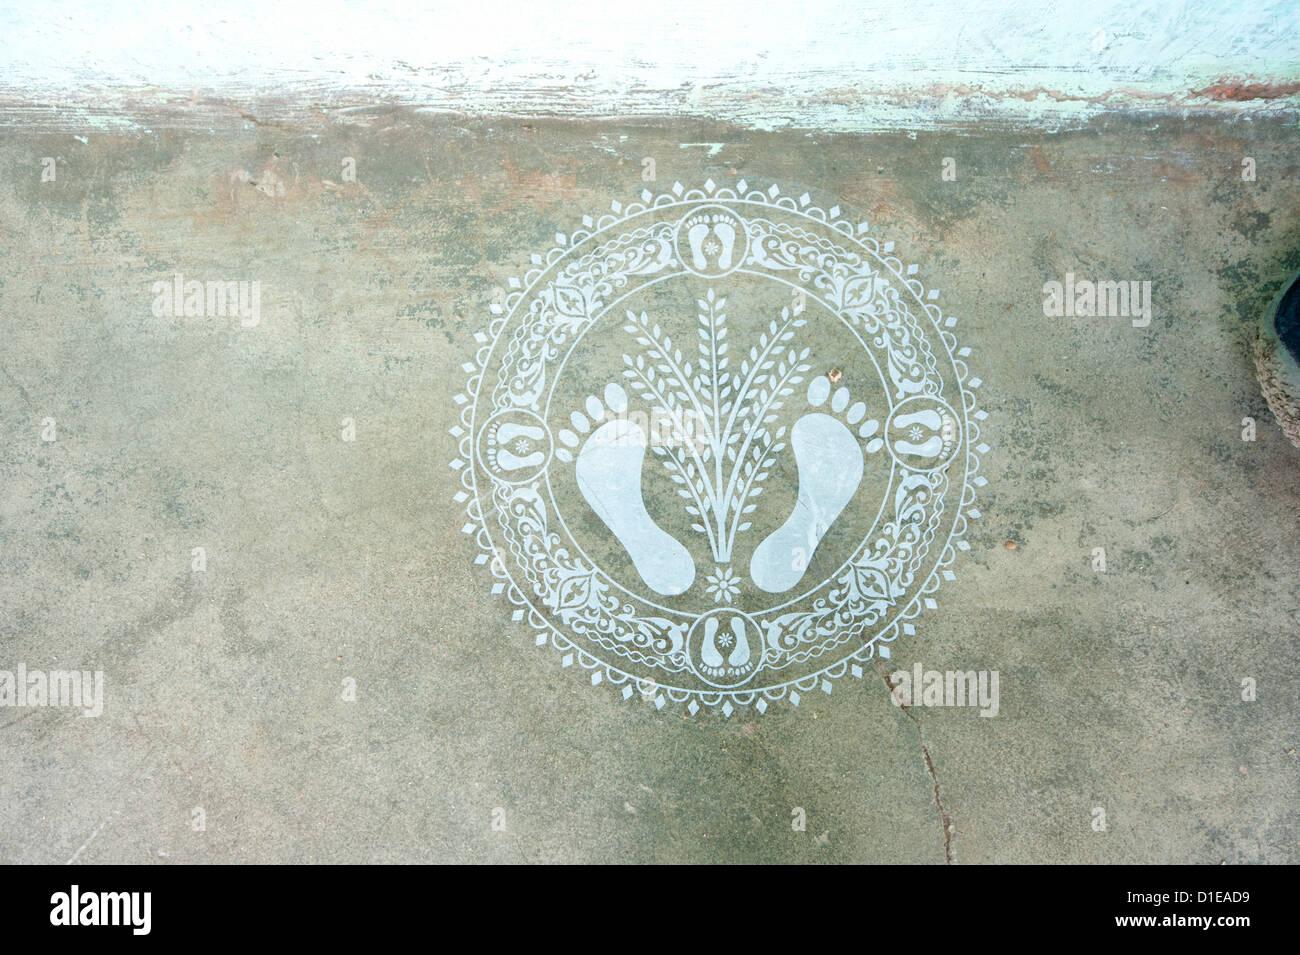 Patrón hindú indicando bienvenido en casa, en la pared, tejiendo Naupatana aldea rural de Orissa, India, Imagen De Stock